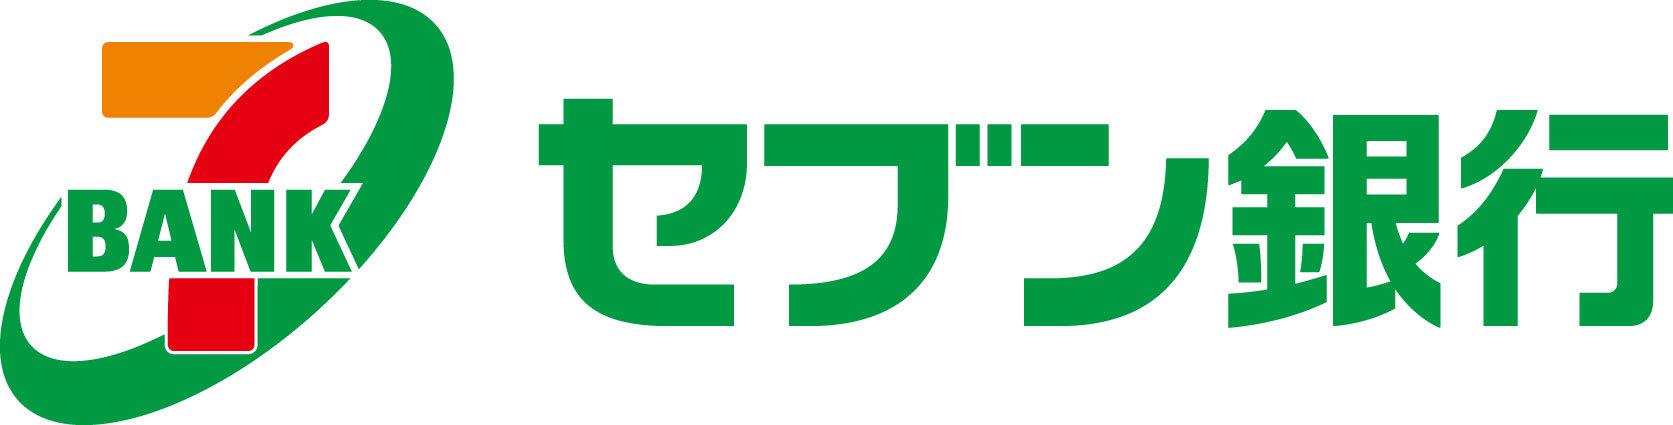 Seven Bank